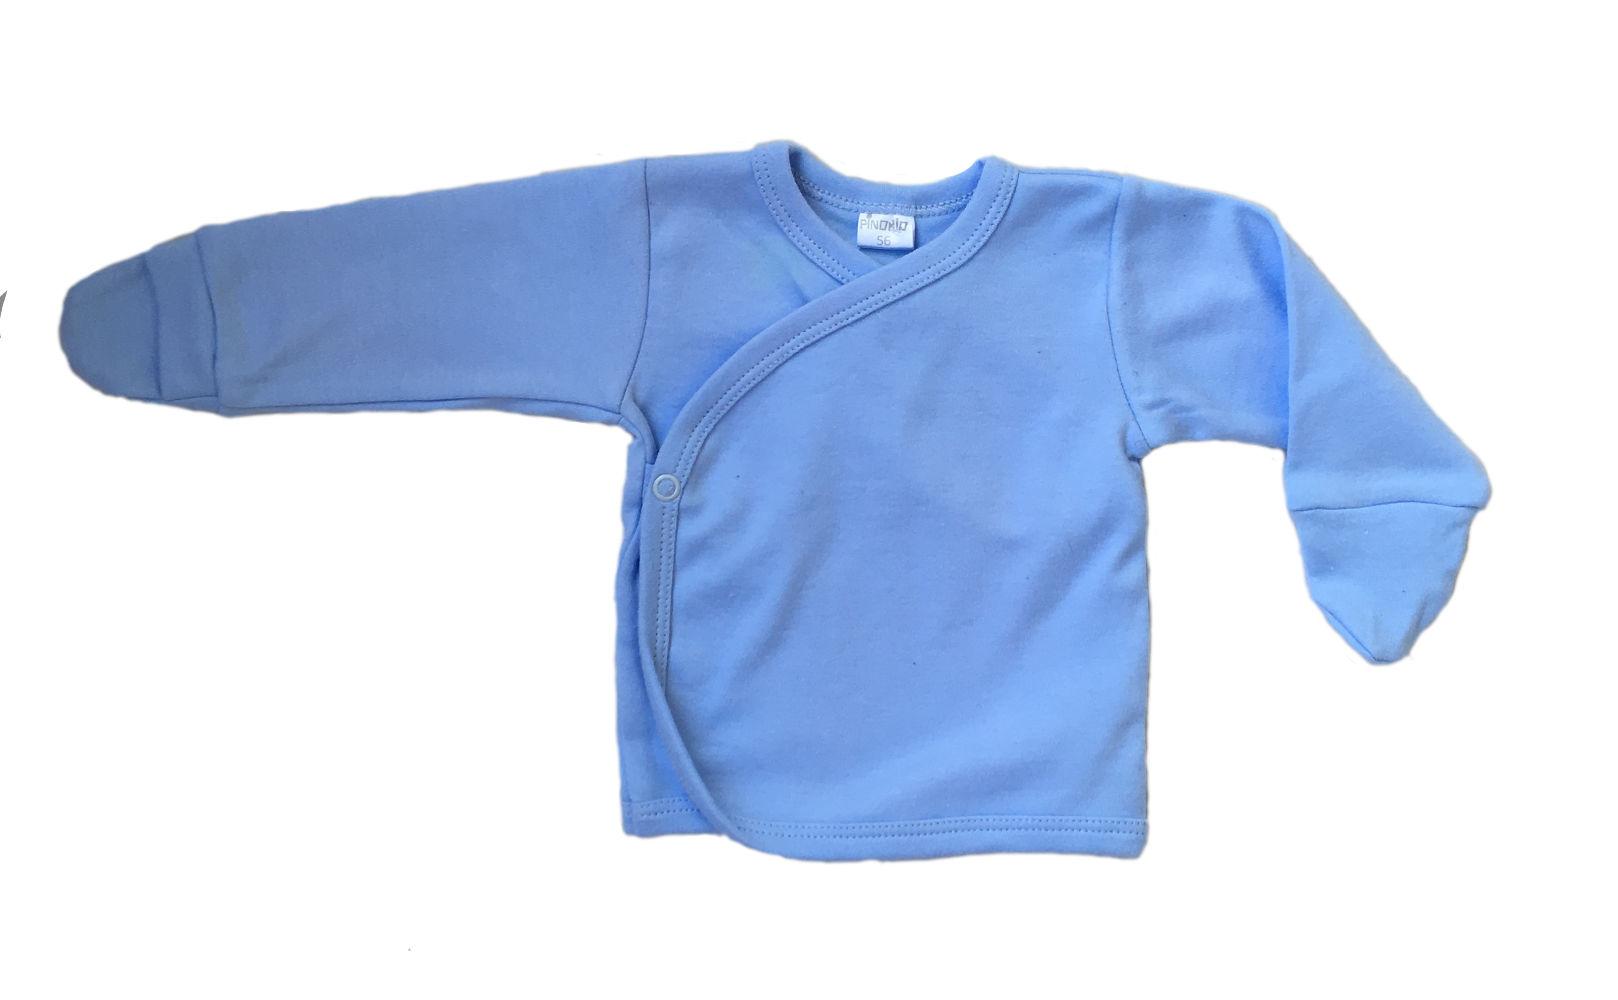 2b03ac5235cc83 Pinokio kaftanik CALINECZKA niebieski wiązany z łapkami-niedrapkami rozmiary  56-62 cm